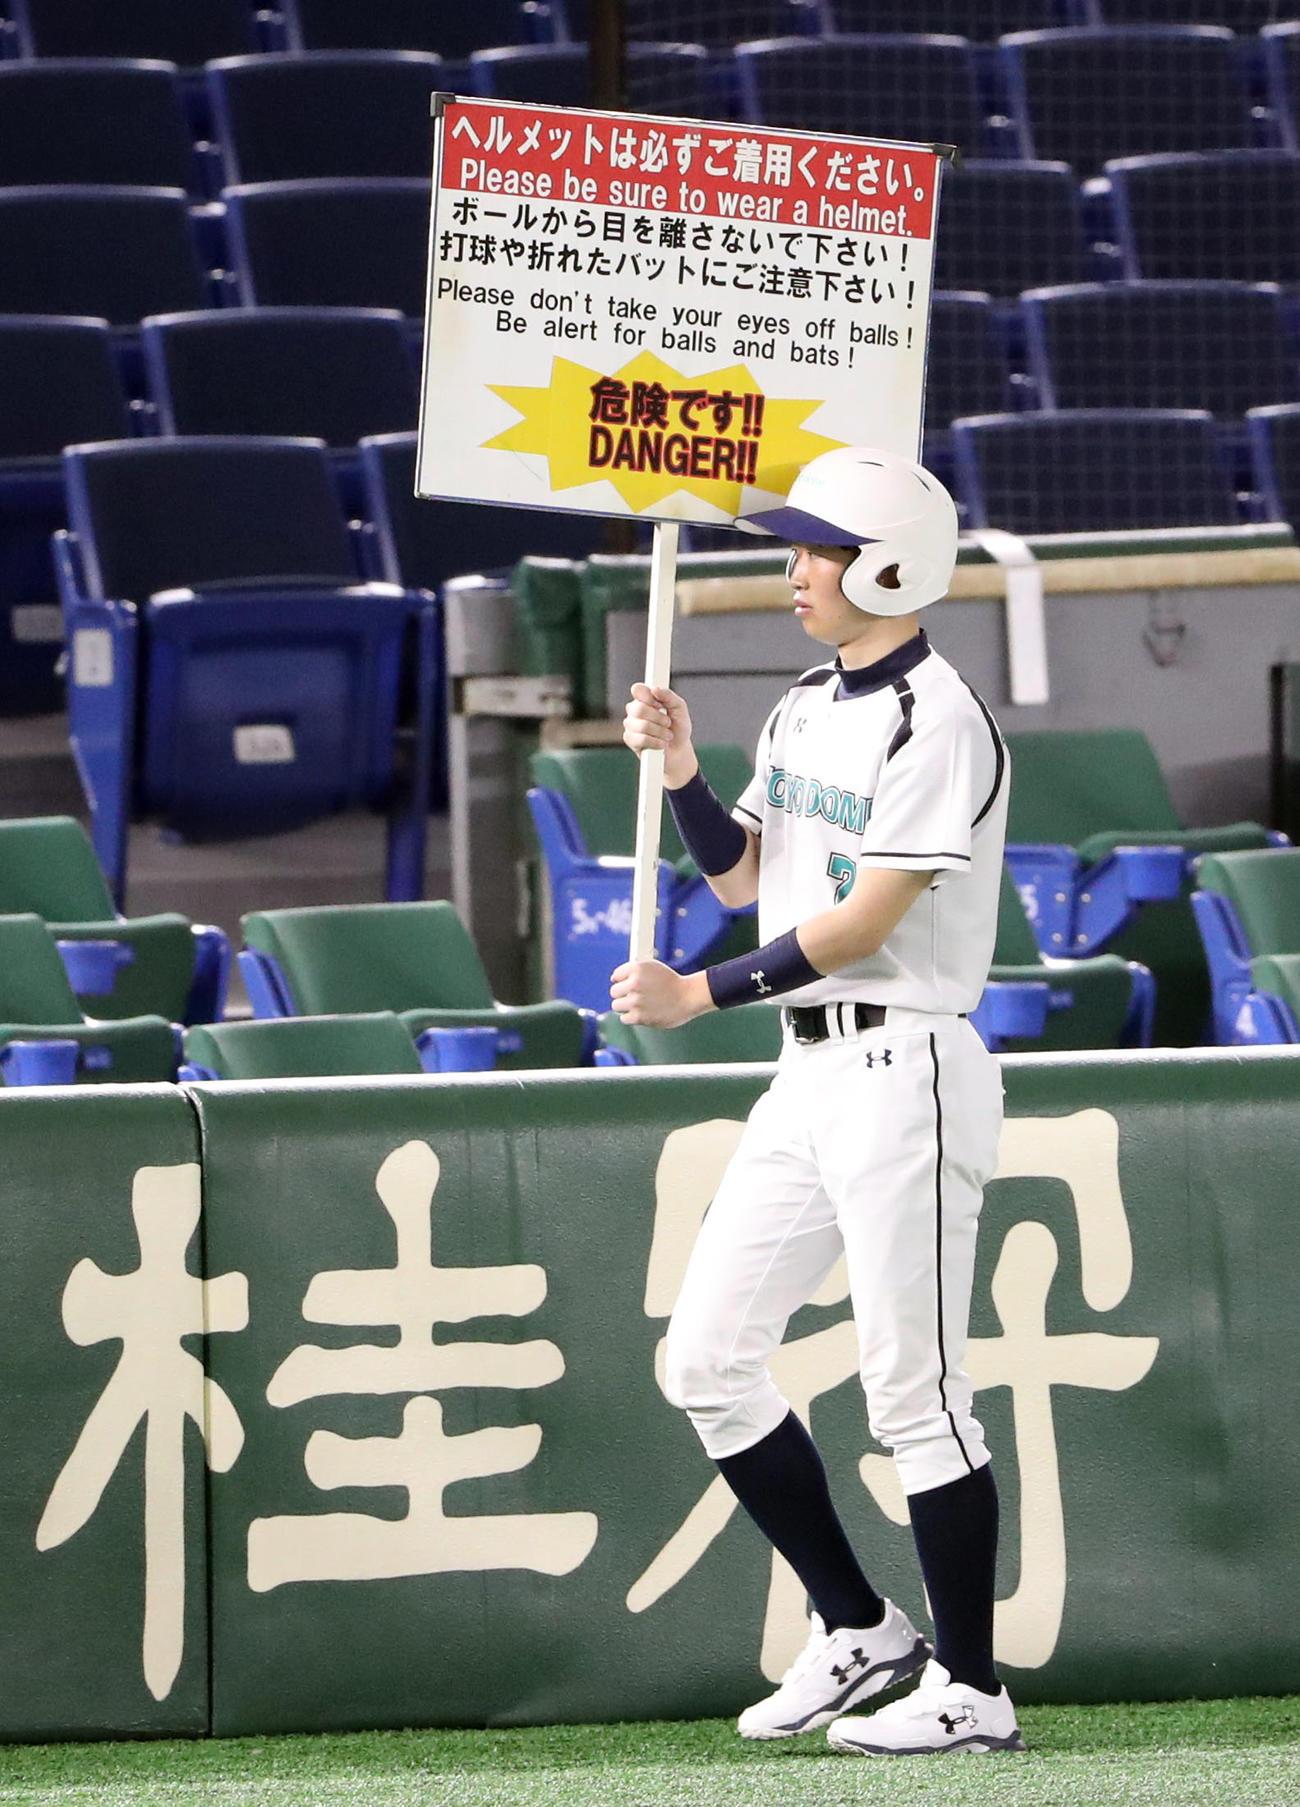 巨人対DeNA 8回表を終え、無観客にも関わらず、打球の注意喚起のボードを持ち歩くボールボーイ(撮影・狩俣裕三)